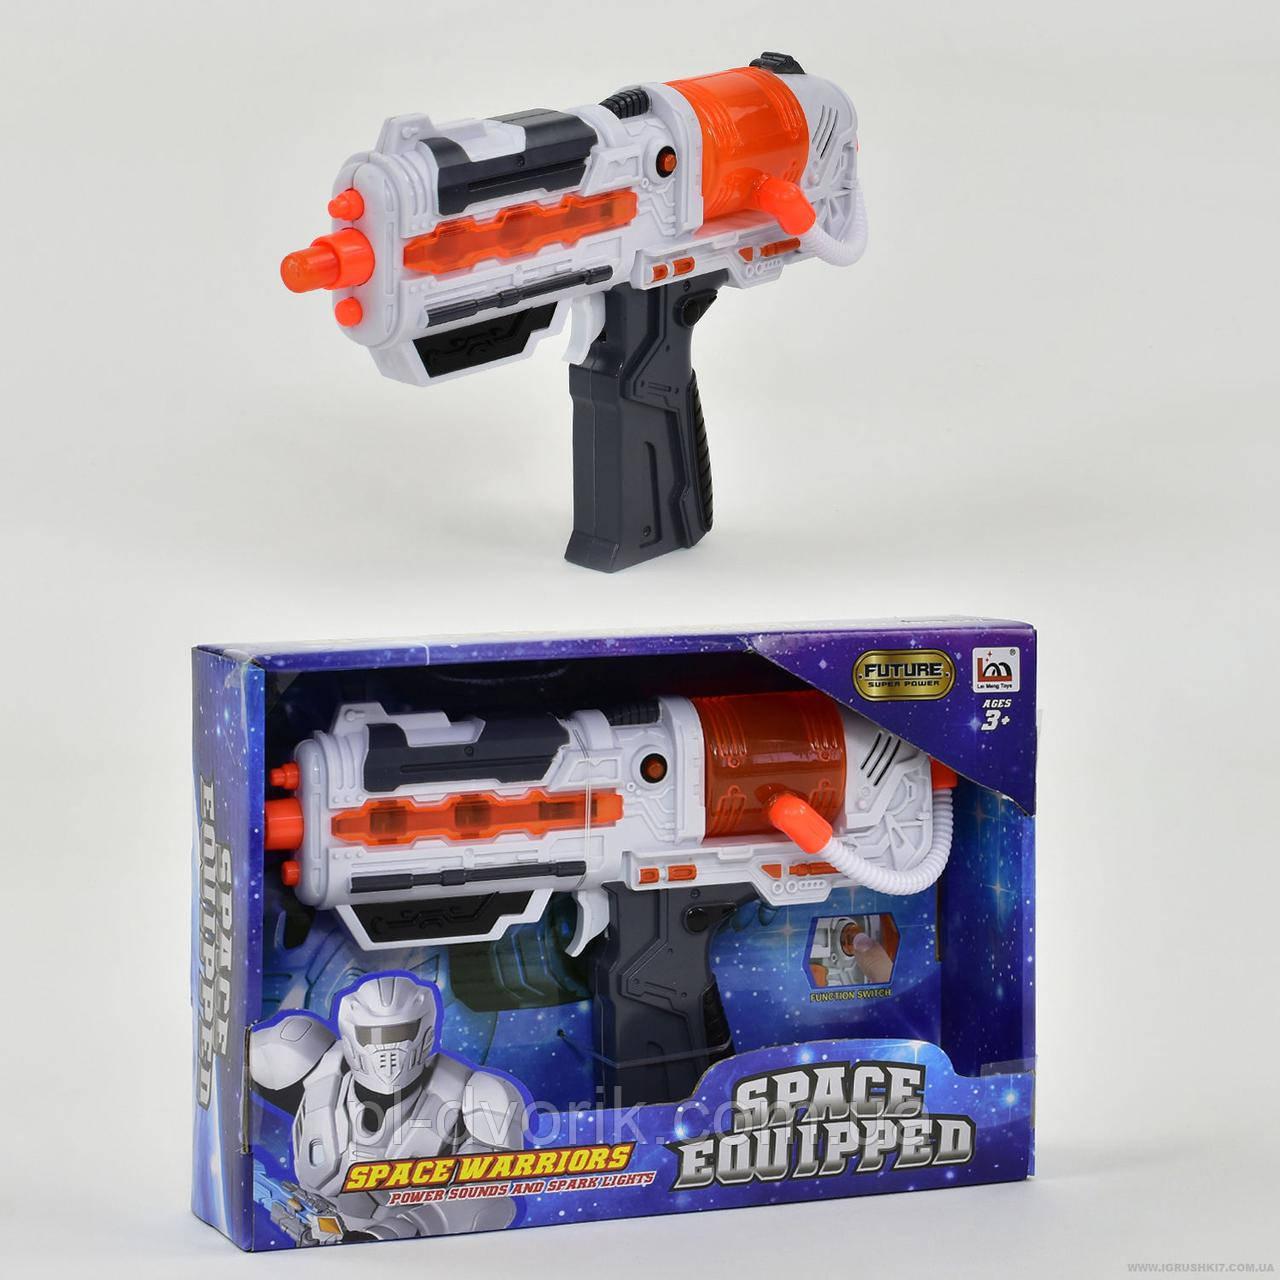 Пістолет LM 666-16 (72) музичний, в коробці Пістолет LM 666-16 (72) музичний, в коробці Довжина: 26 см Ши